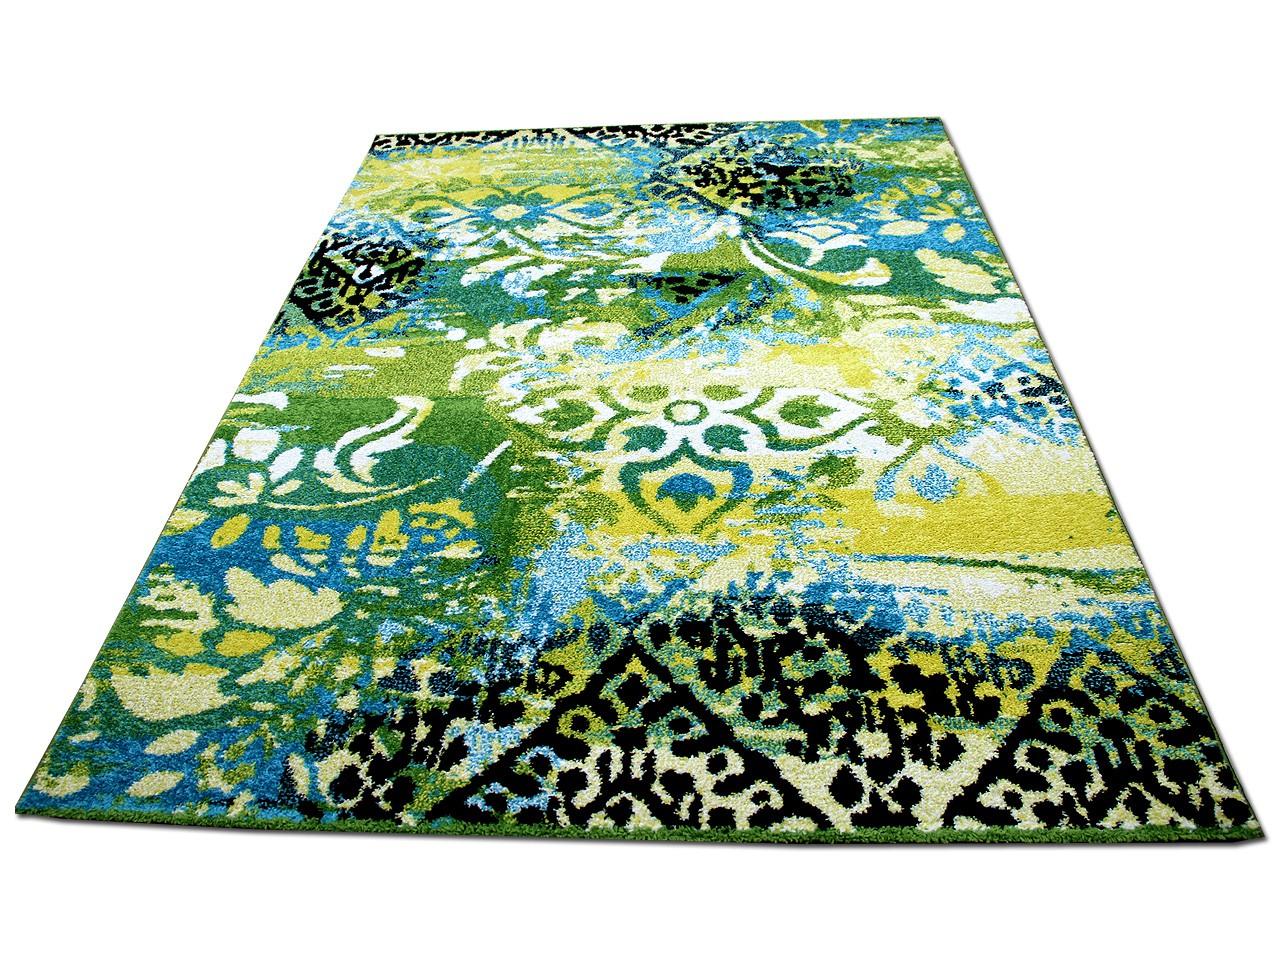 designer teppich funky vintage modern blau gr n teppiche designerteppiche funky teppiche. Black Bedroom Furniture Sets. Home Design Ideas